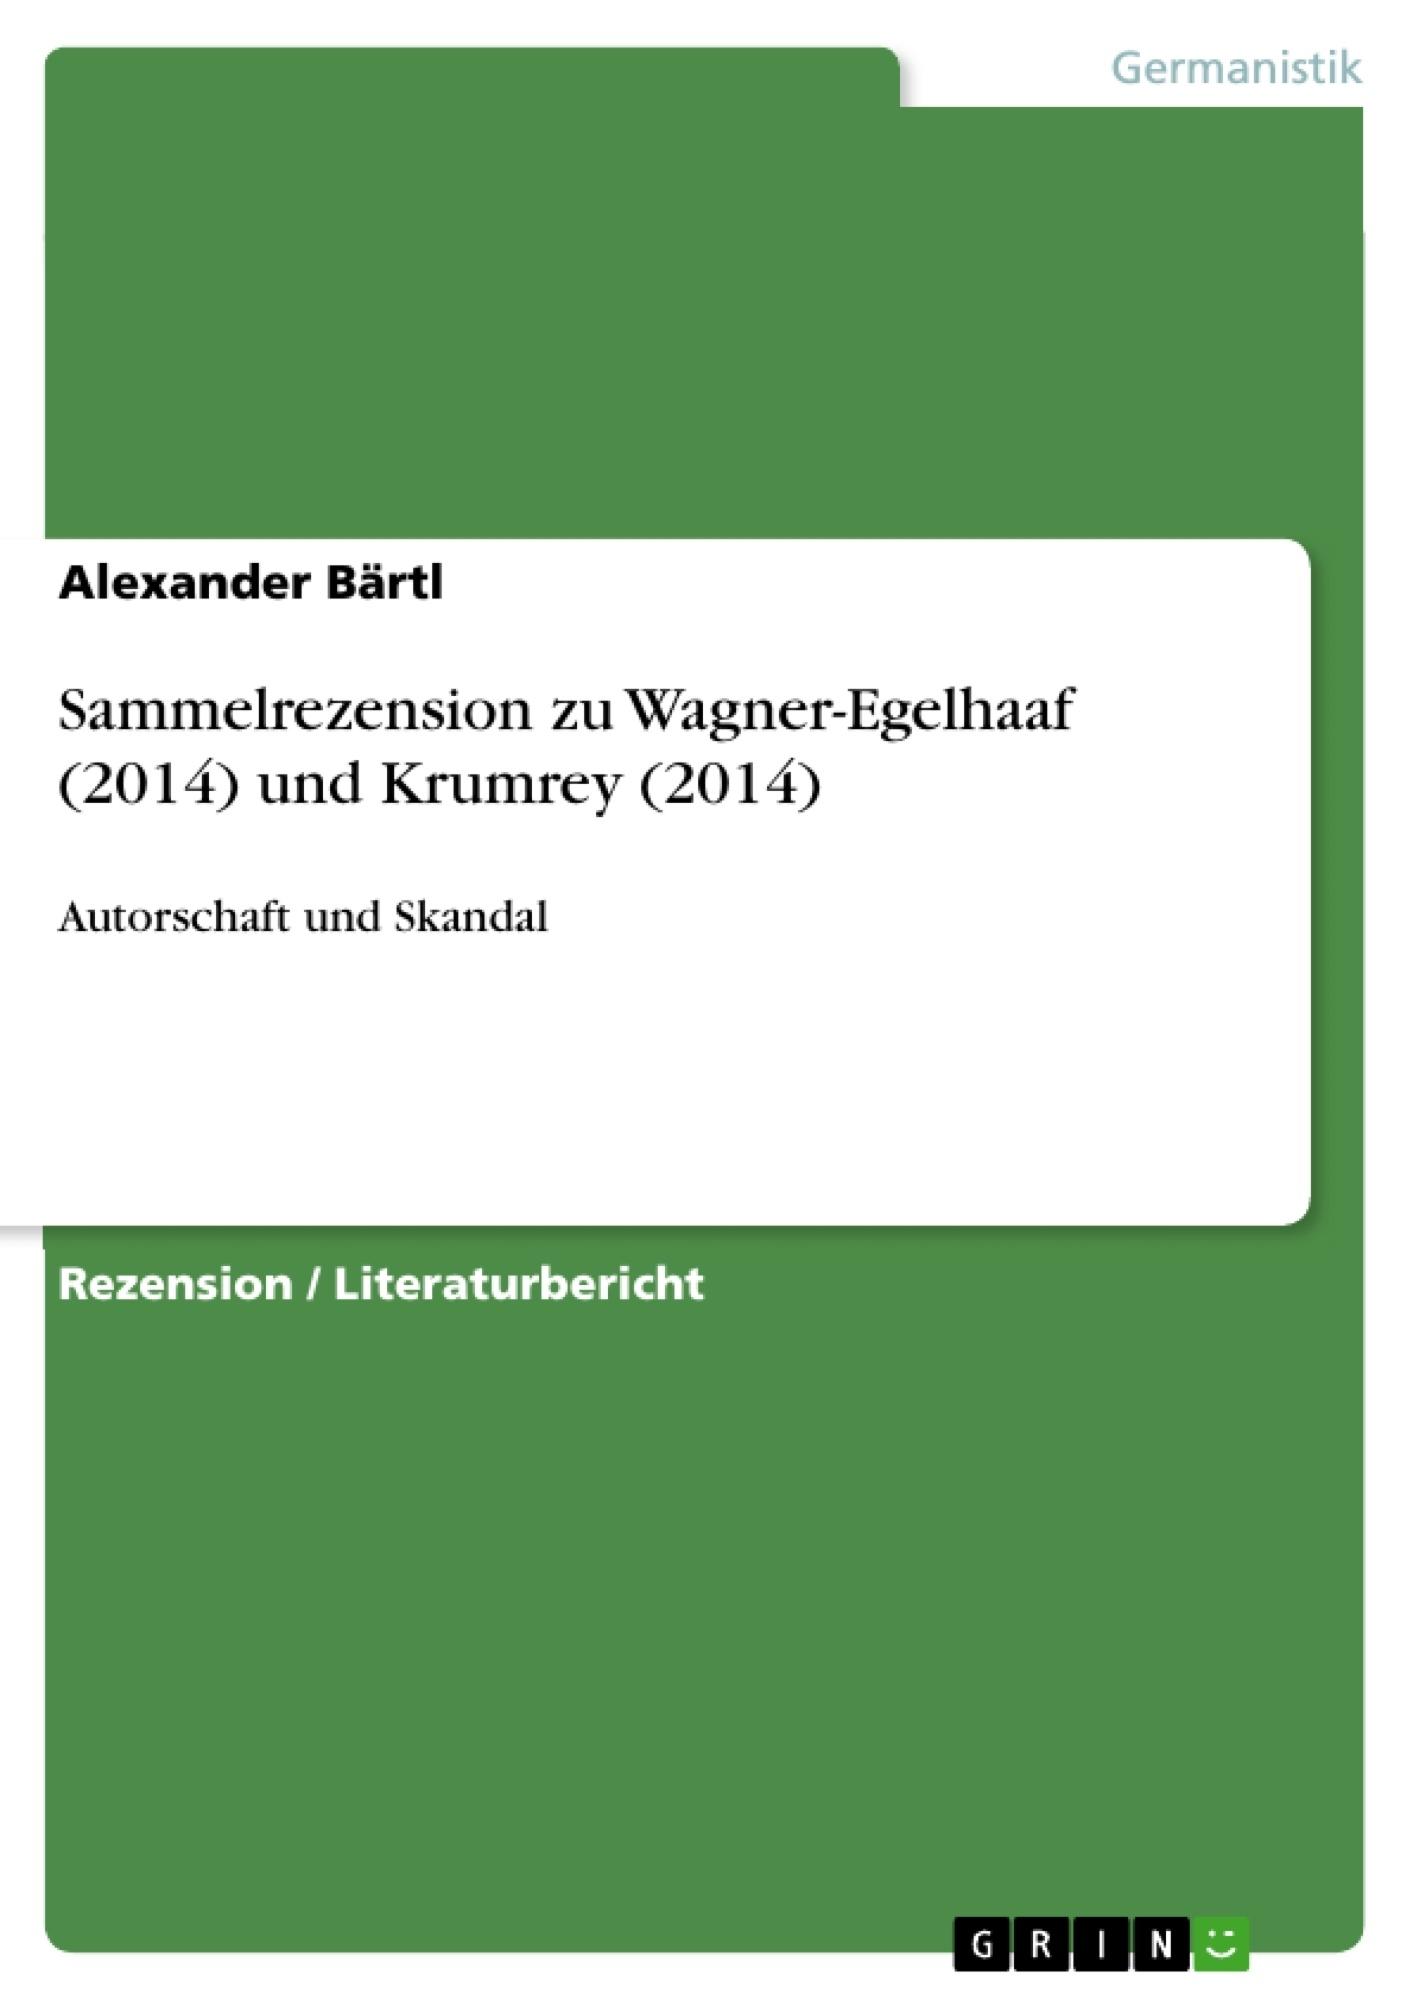 Titel: Sammelrezension zu Wagner-Egelhaaf (2014) und Krumrey (2014)